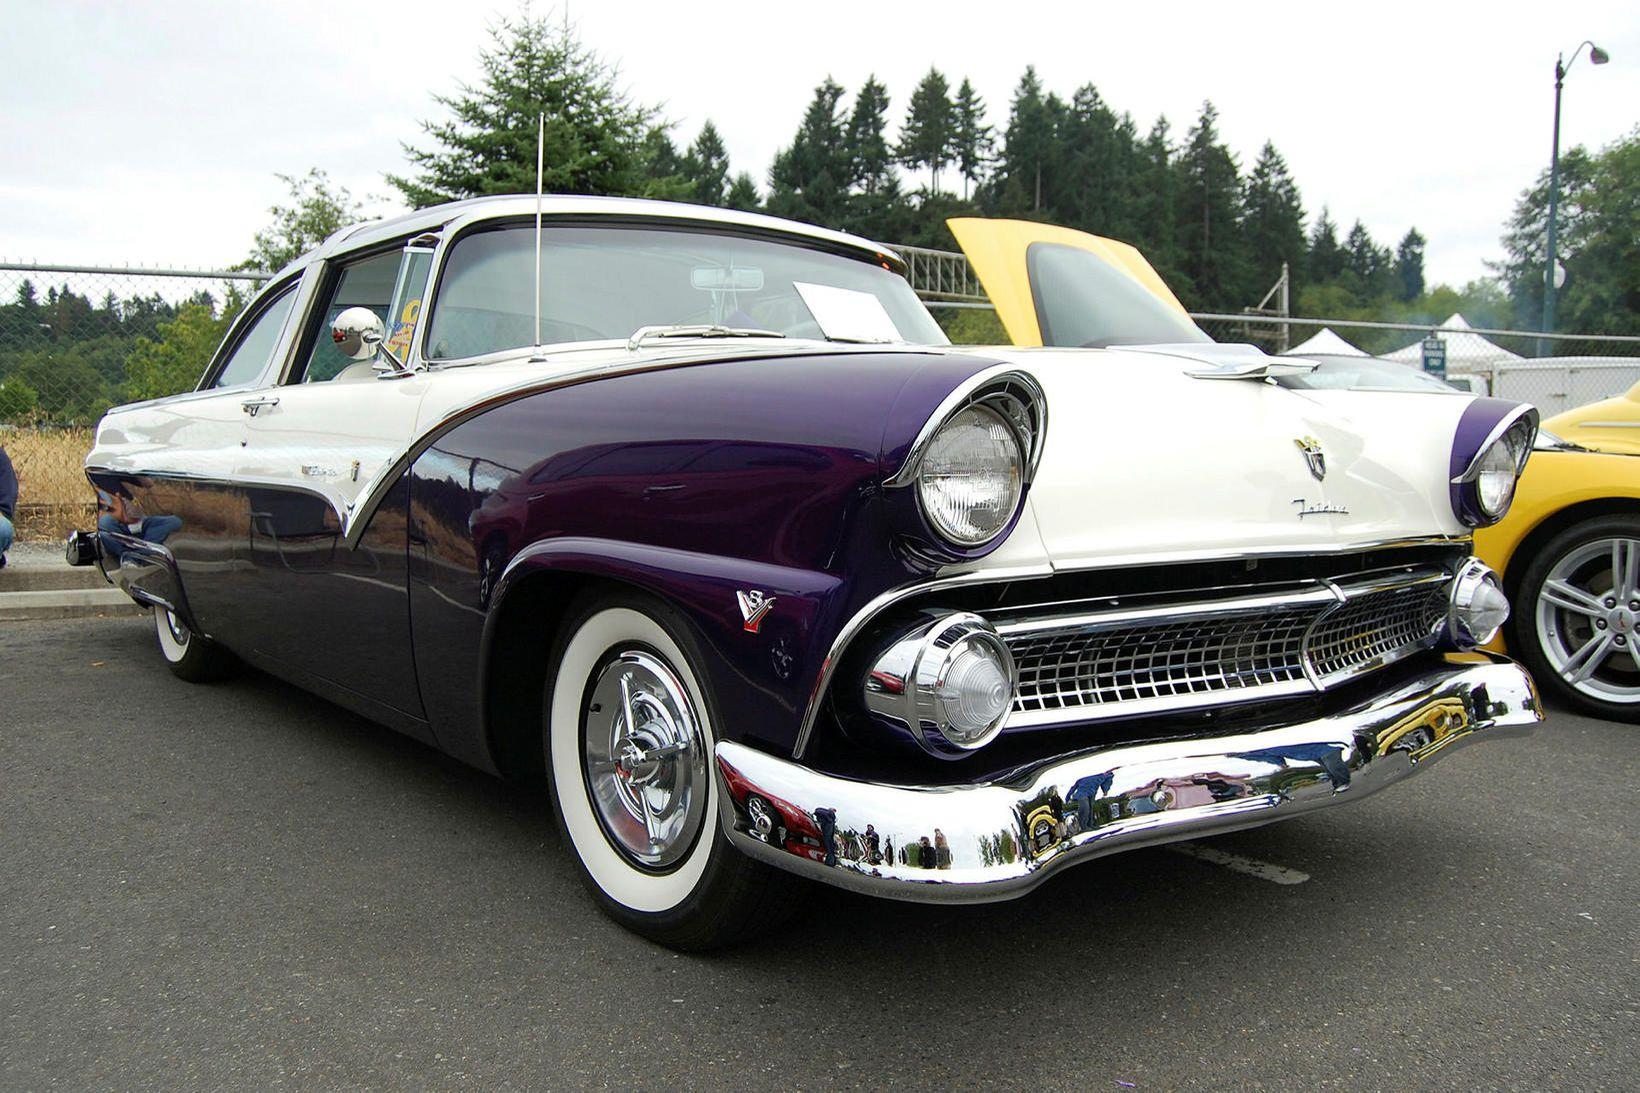 Þesi Ford Crown Victoria er óumdeilanlega gamall.